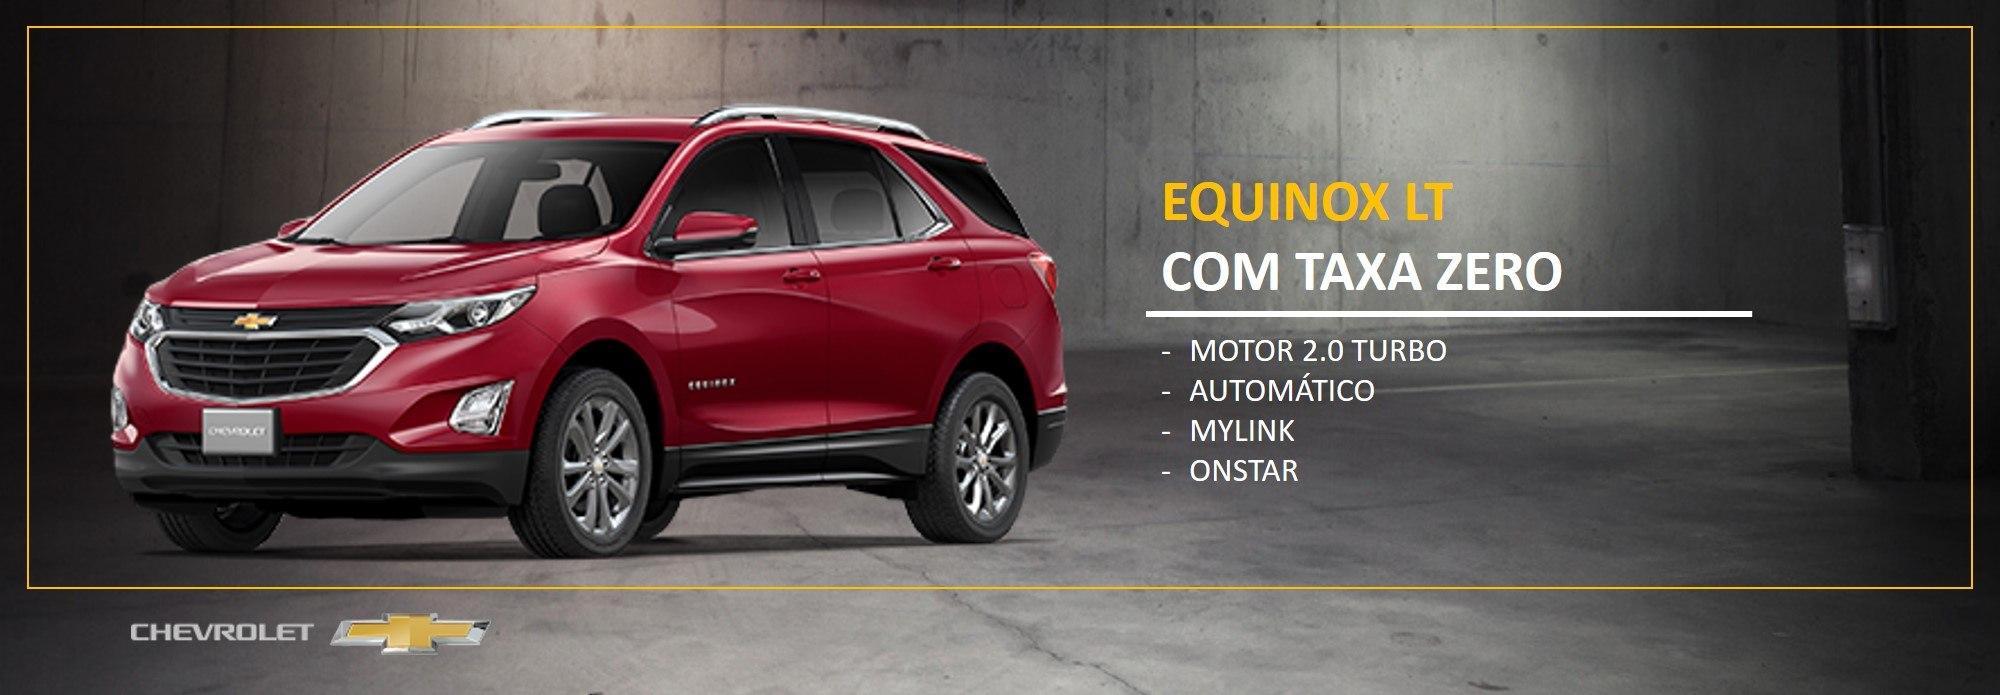 Equinox LT, com TAXA ZERO.